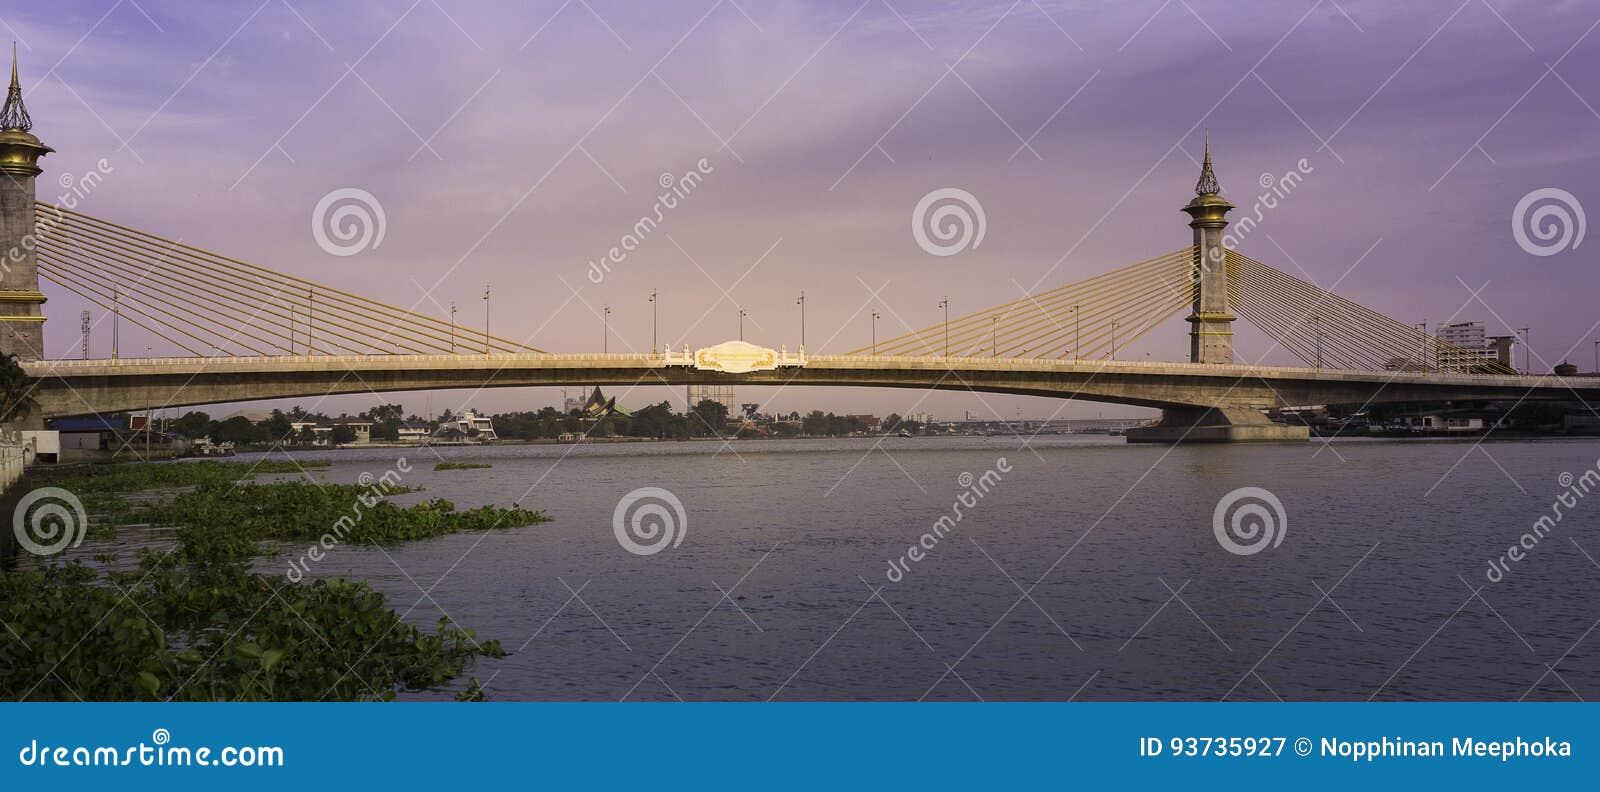 Puente de Maha Chesadabodindranusorn Bridge Suspension a través del río Chao Phraya en Tailandia